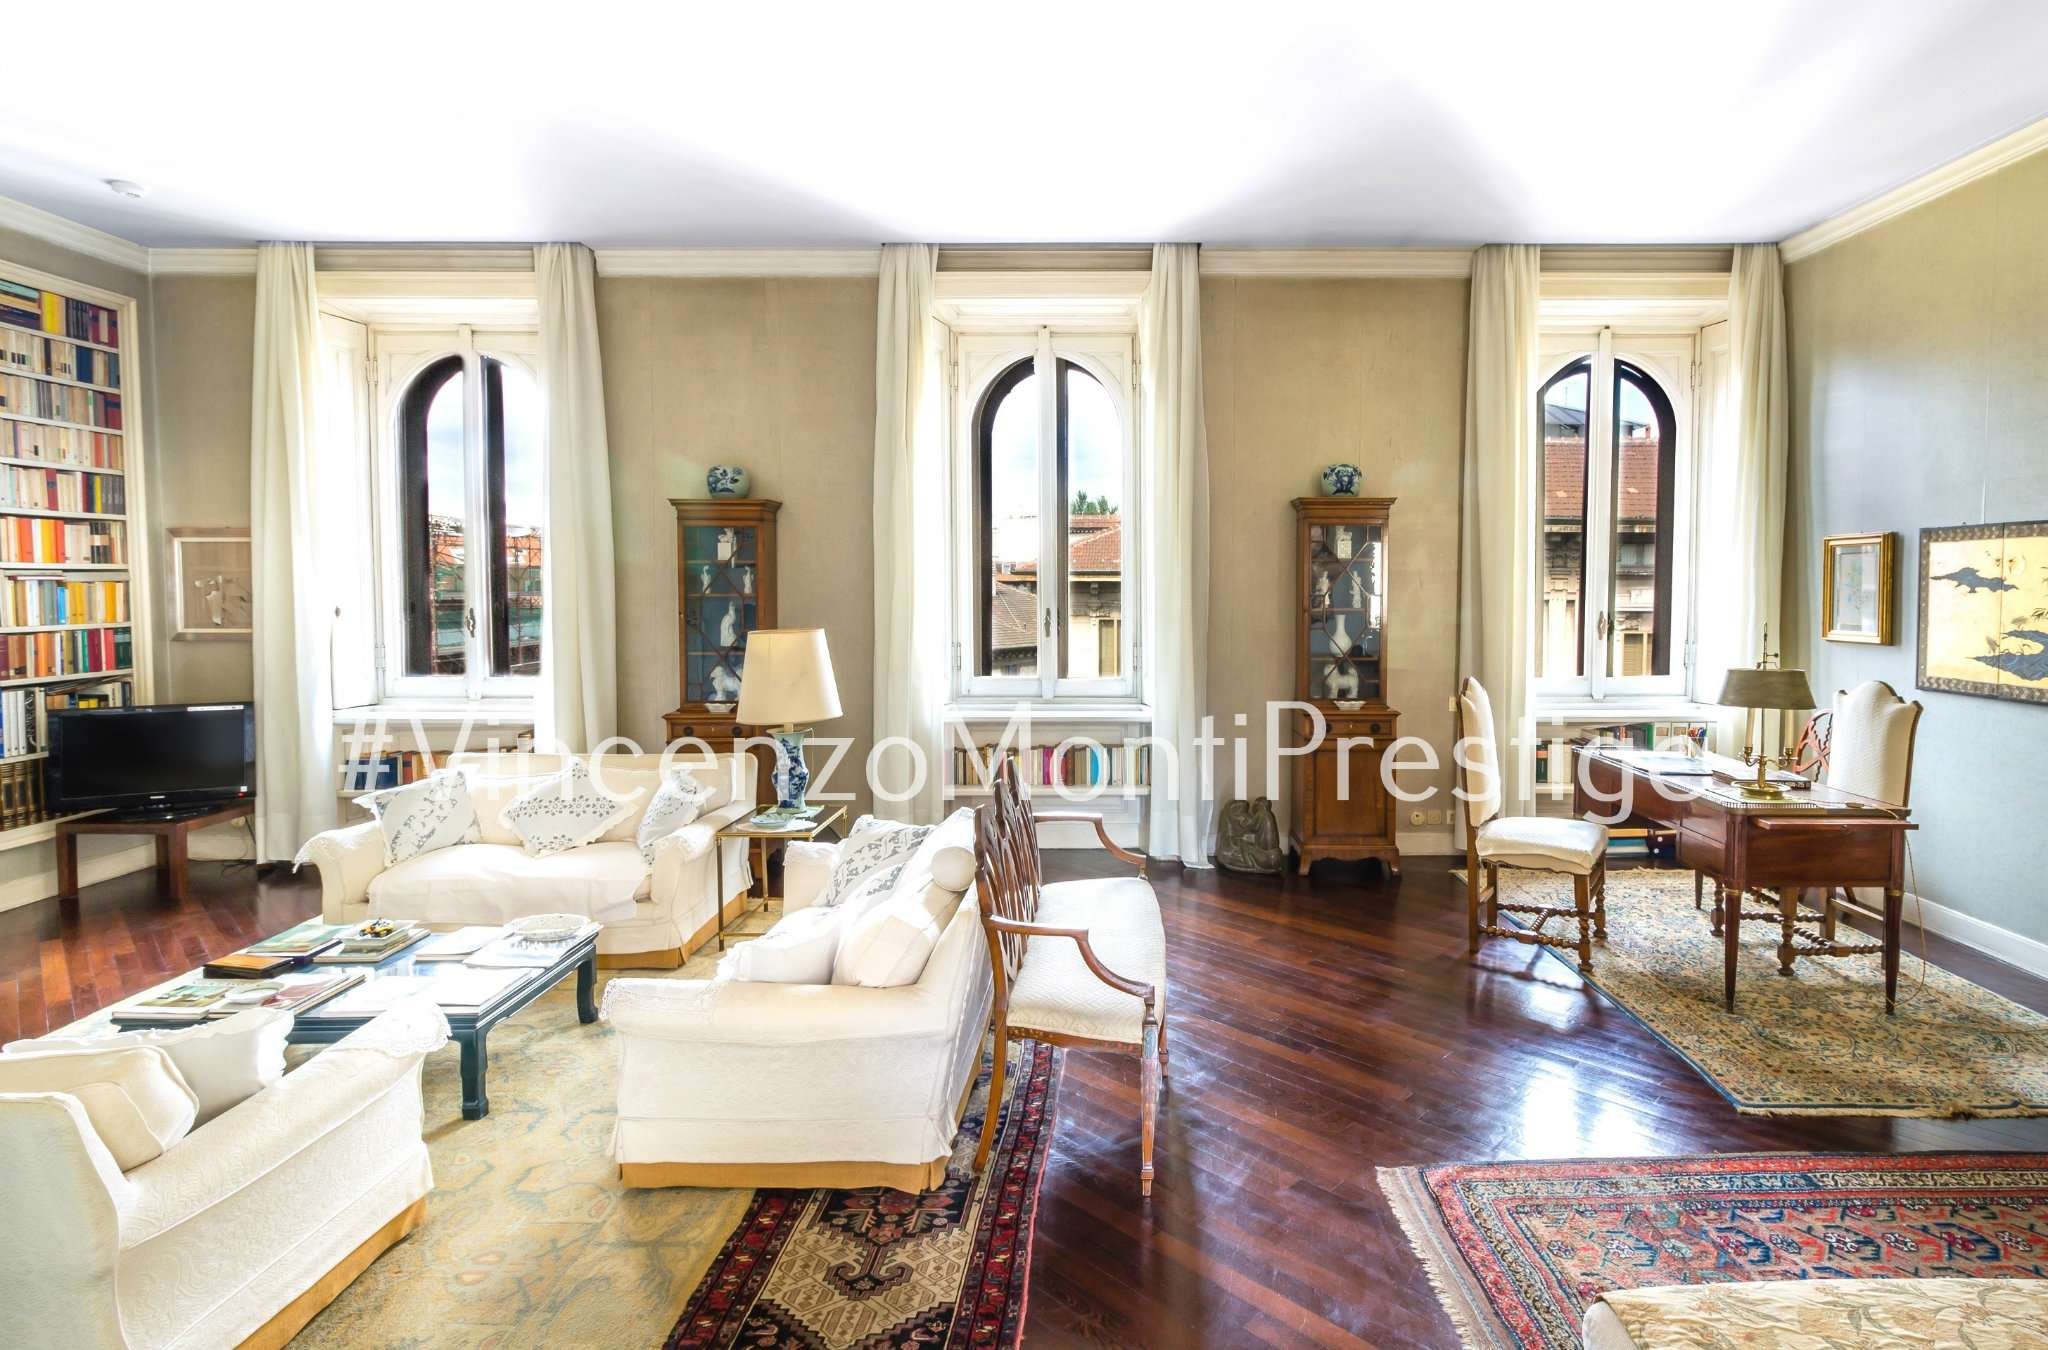 Appartamento di lusso in vendita a milano via ariosto for Case pregio milano